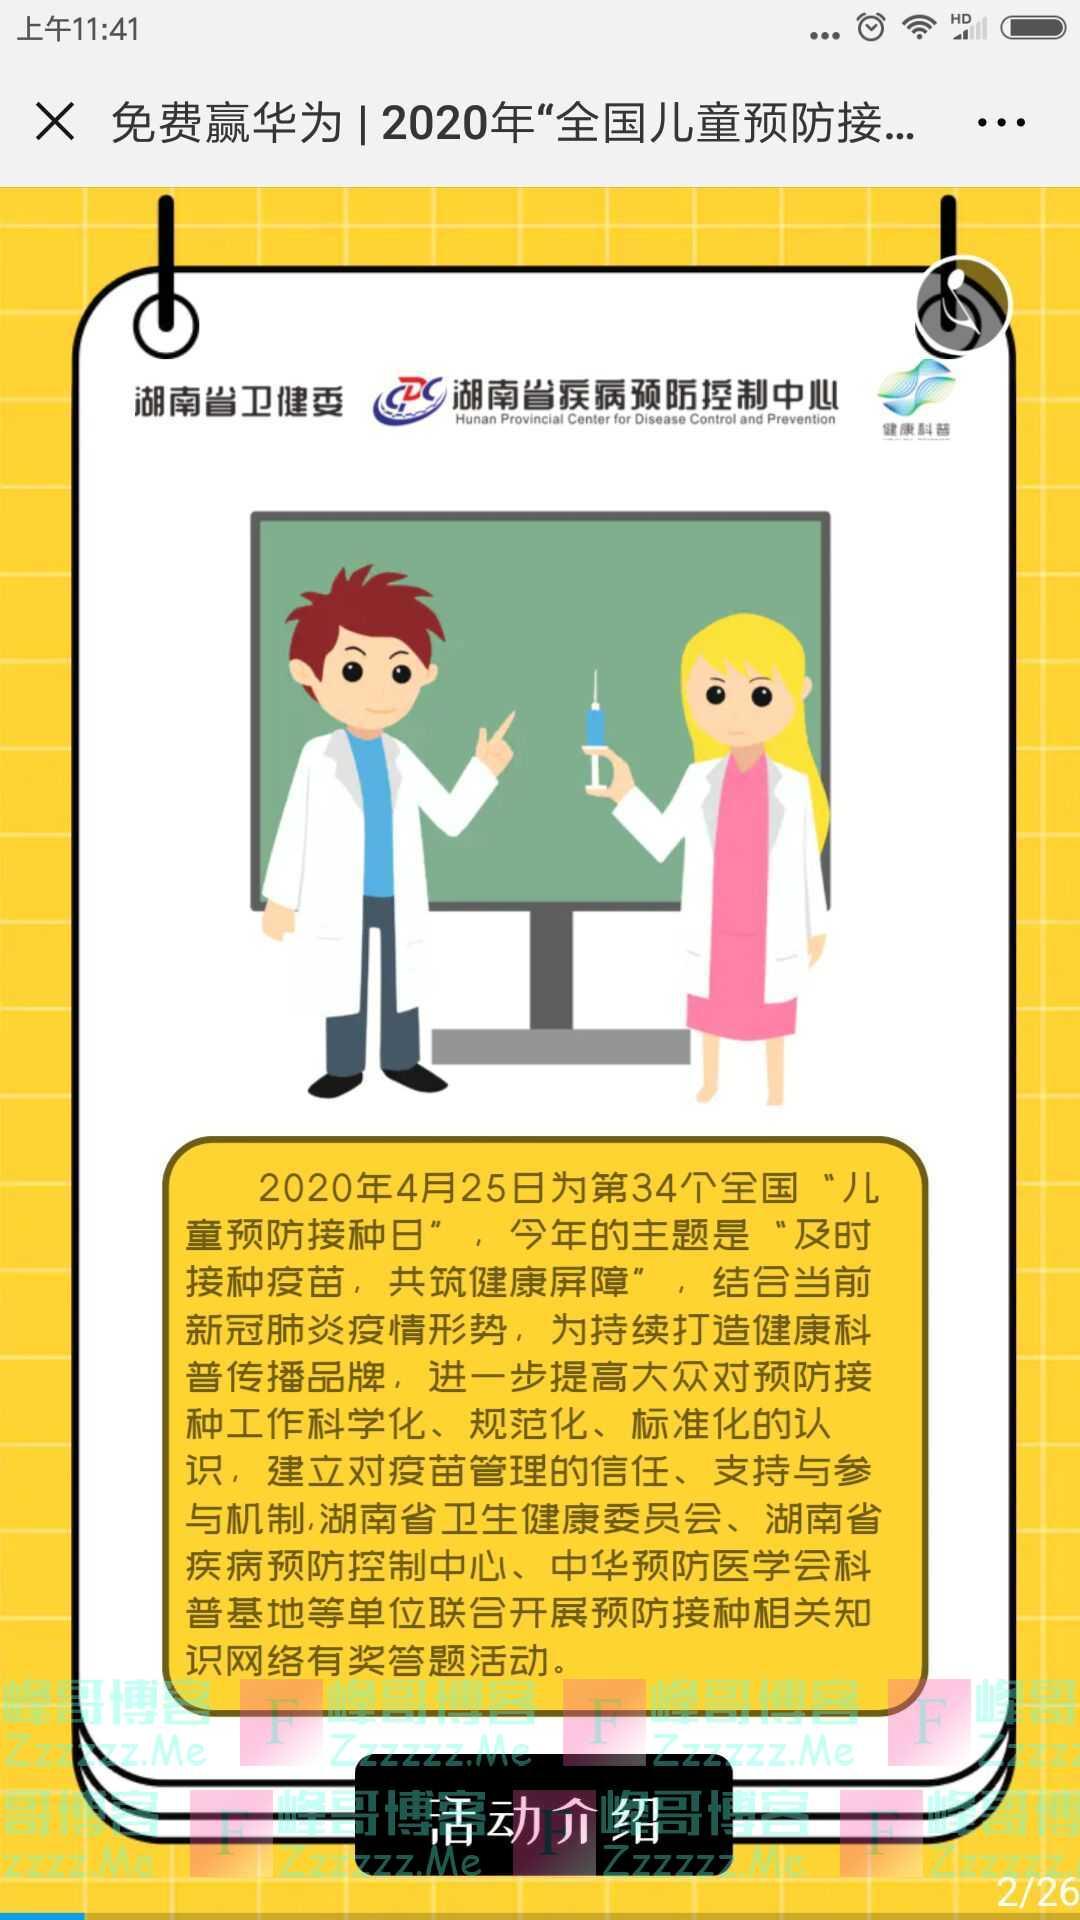 湖南疾控全国儿童预防接种日有奖答题(截止不详)